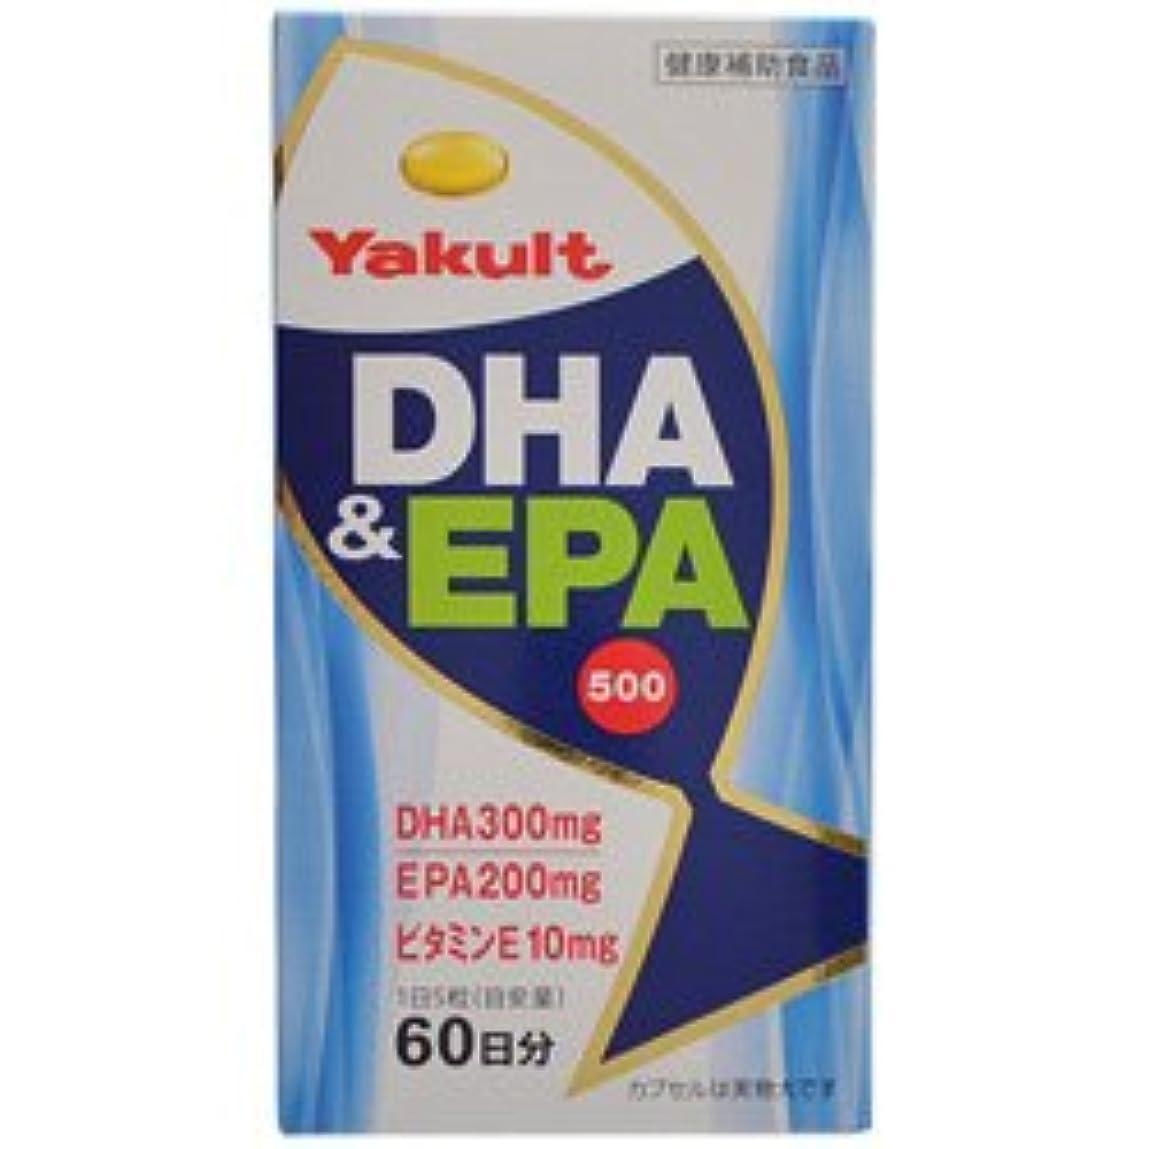 壊すコンバーチブルスチュアート島【ヤクルトヘルスフーズ】DHA&EPA 500 300粒 ×3個セット